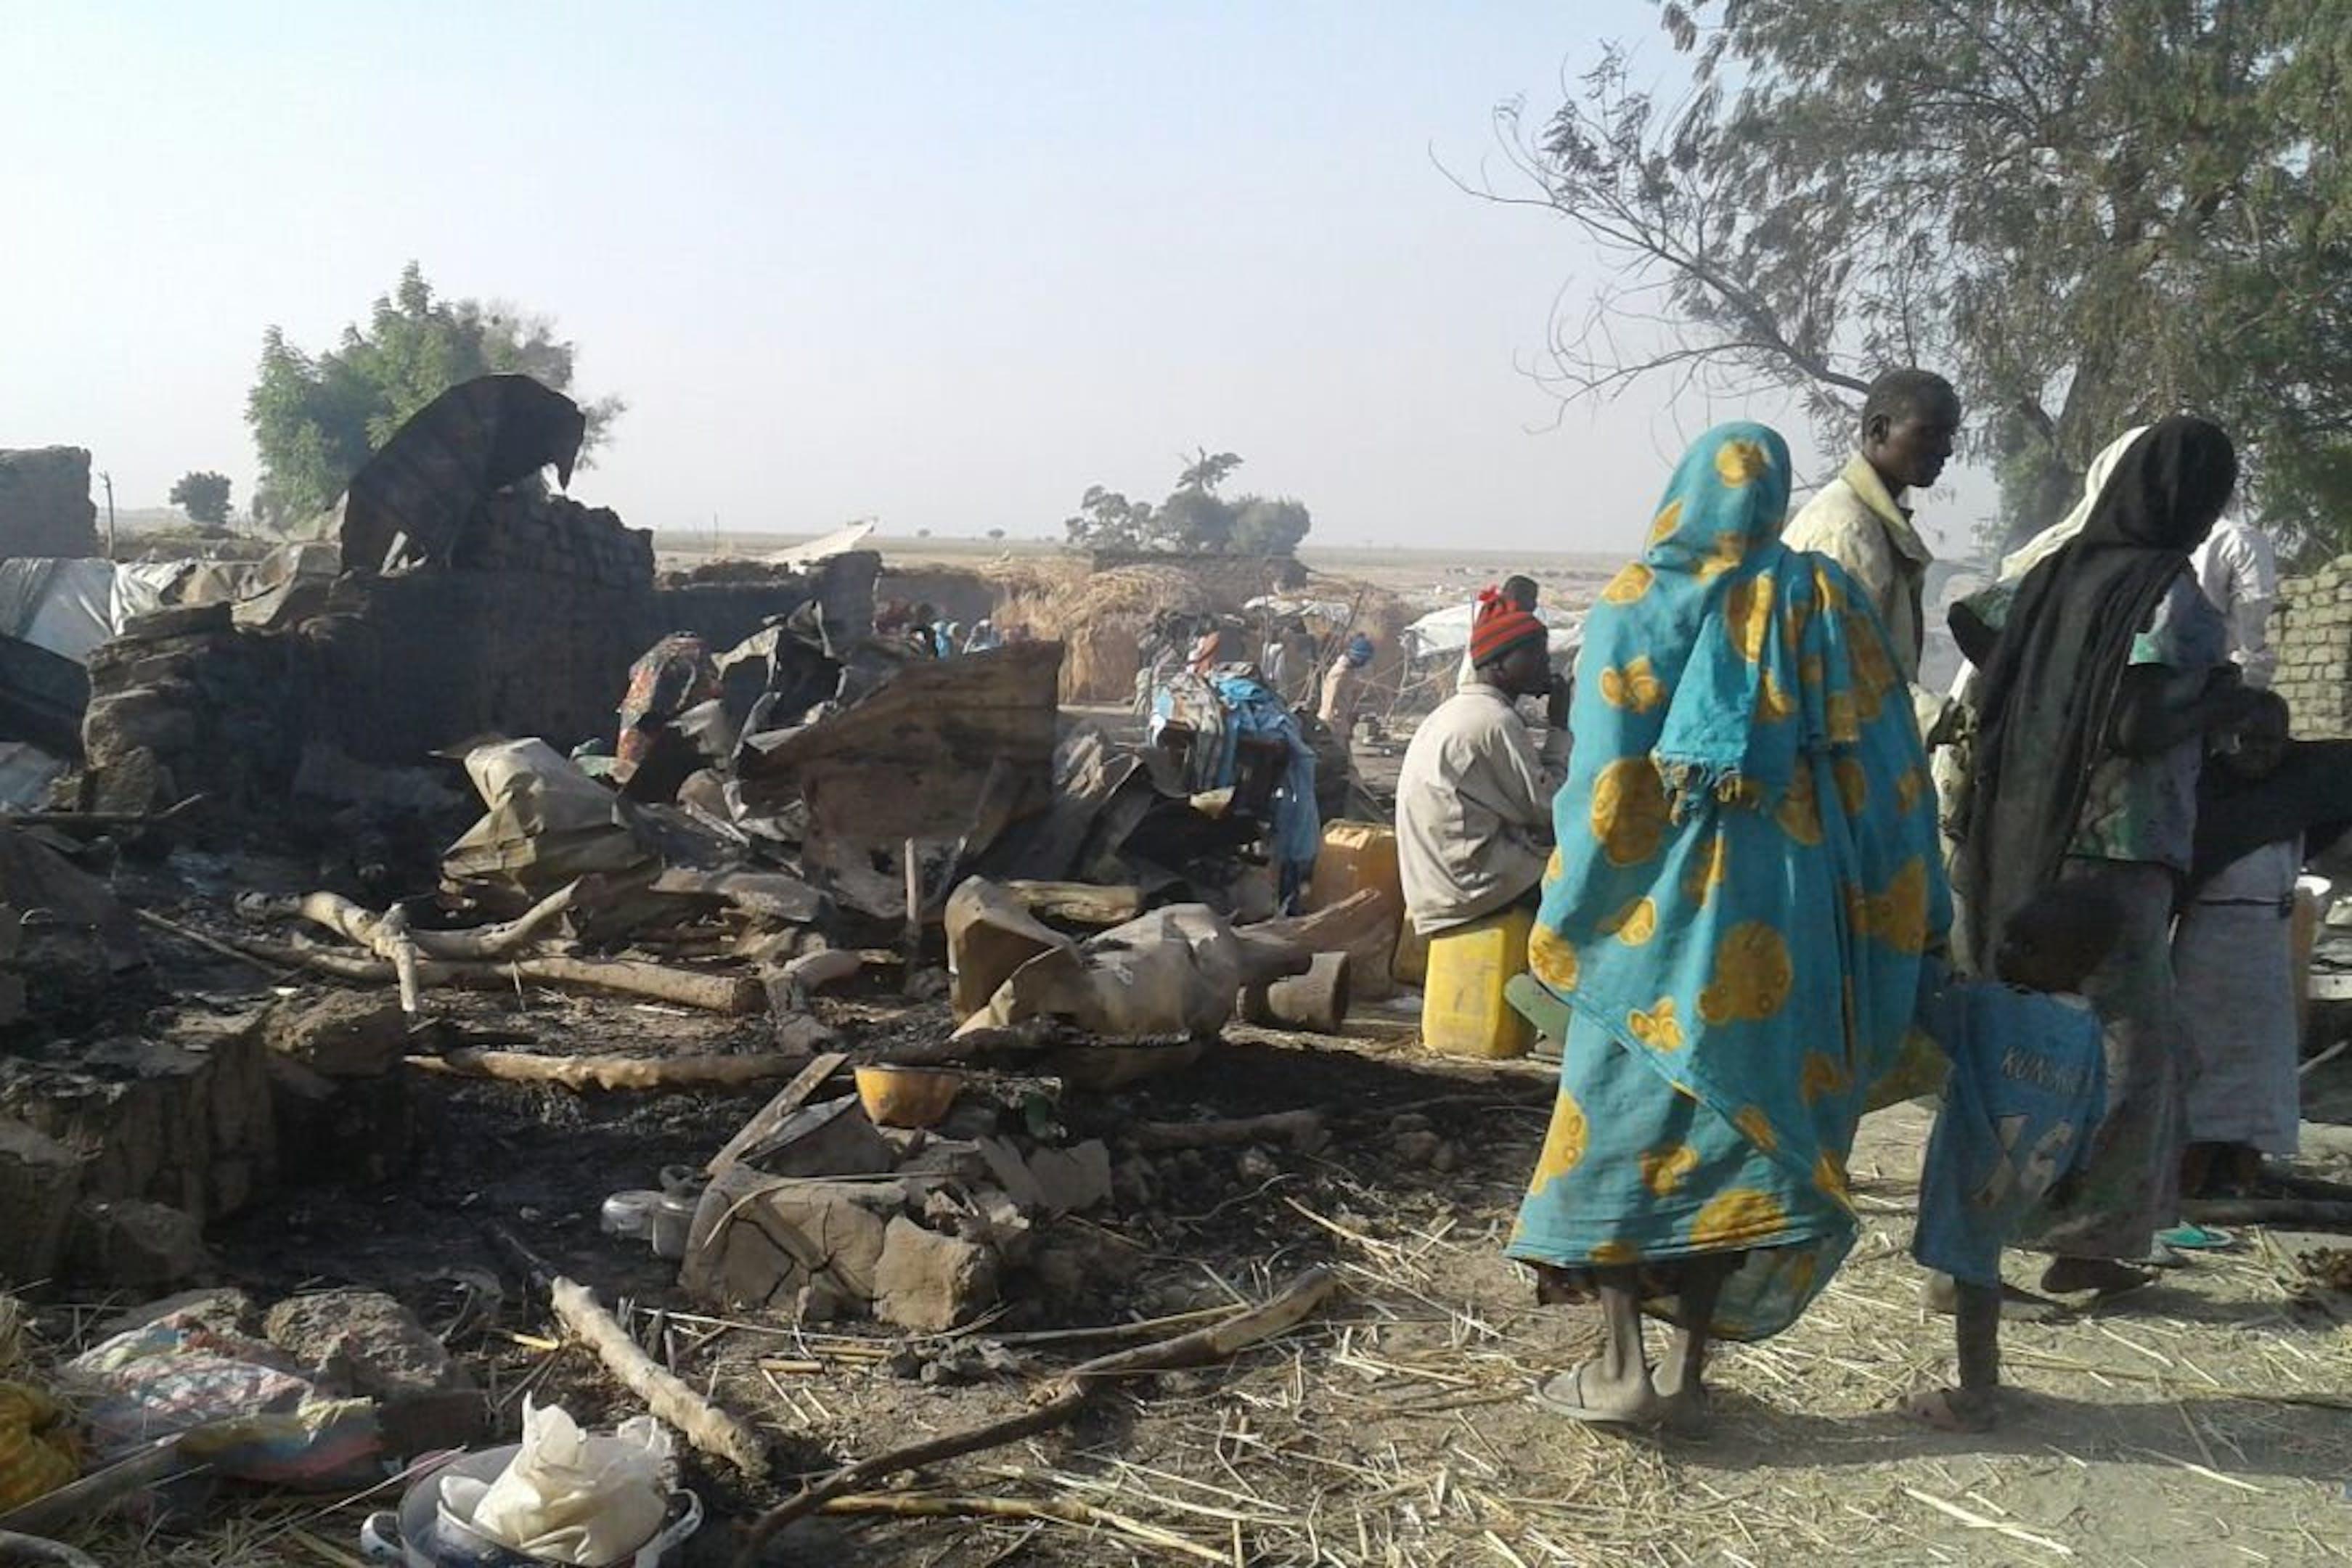 Tragica perdita di vite umane nel campo per sfollati di Rann, nella Nigeria nord-orientale